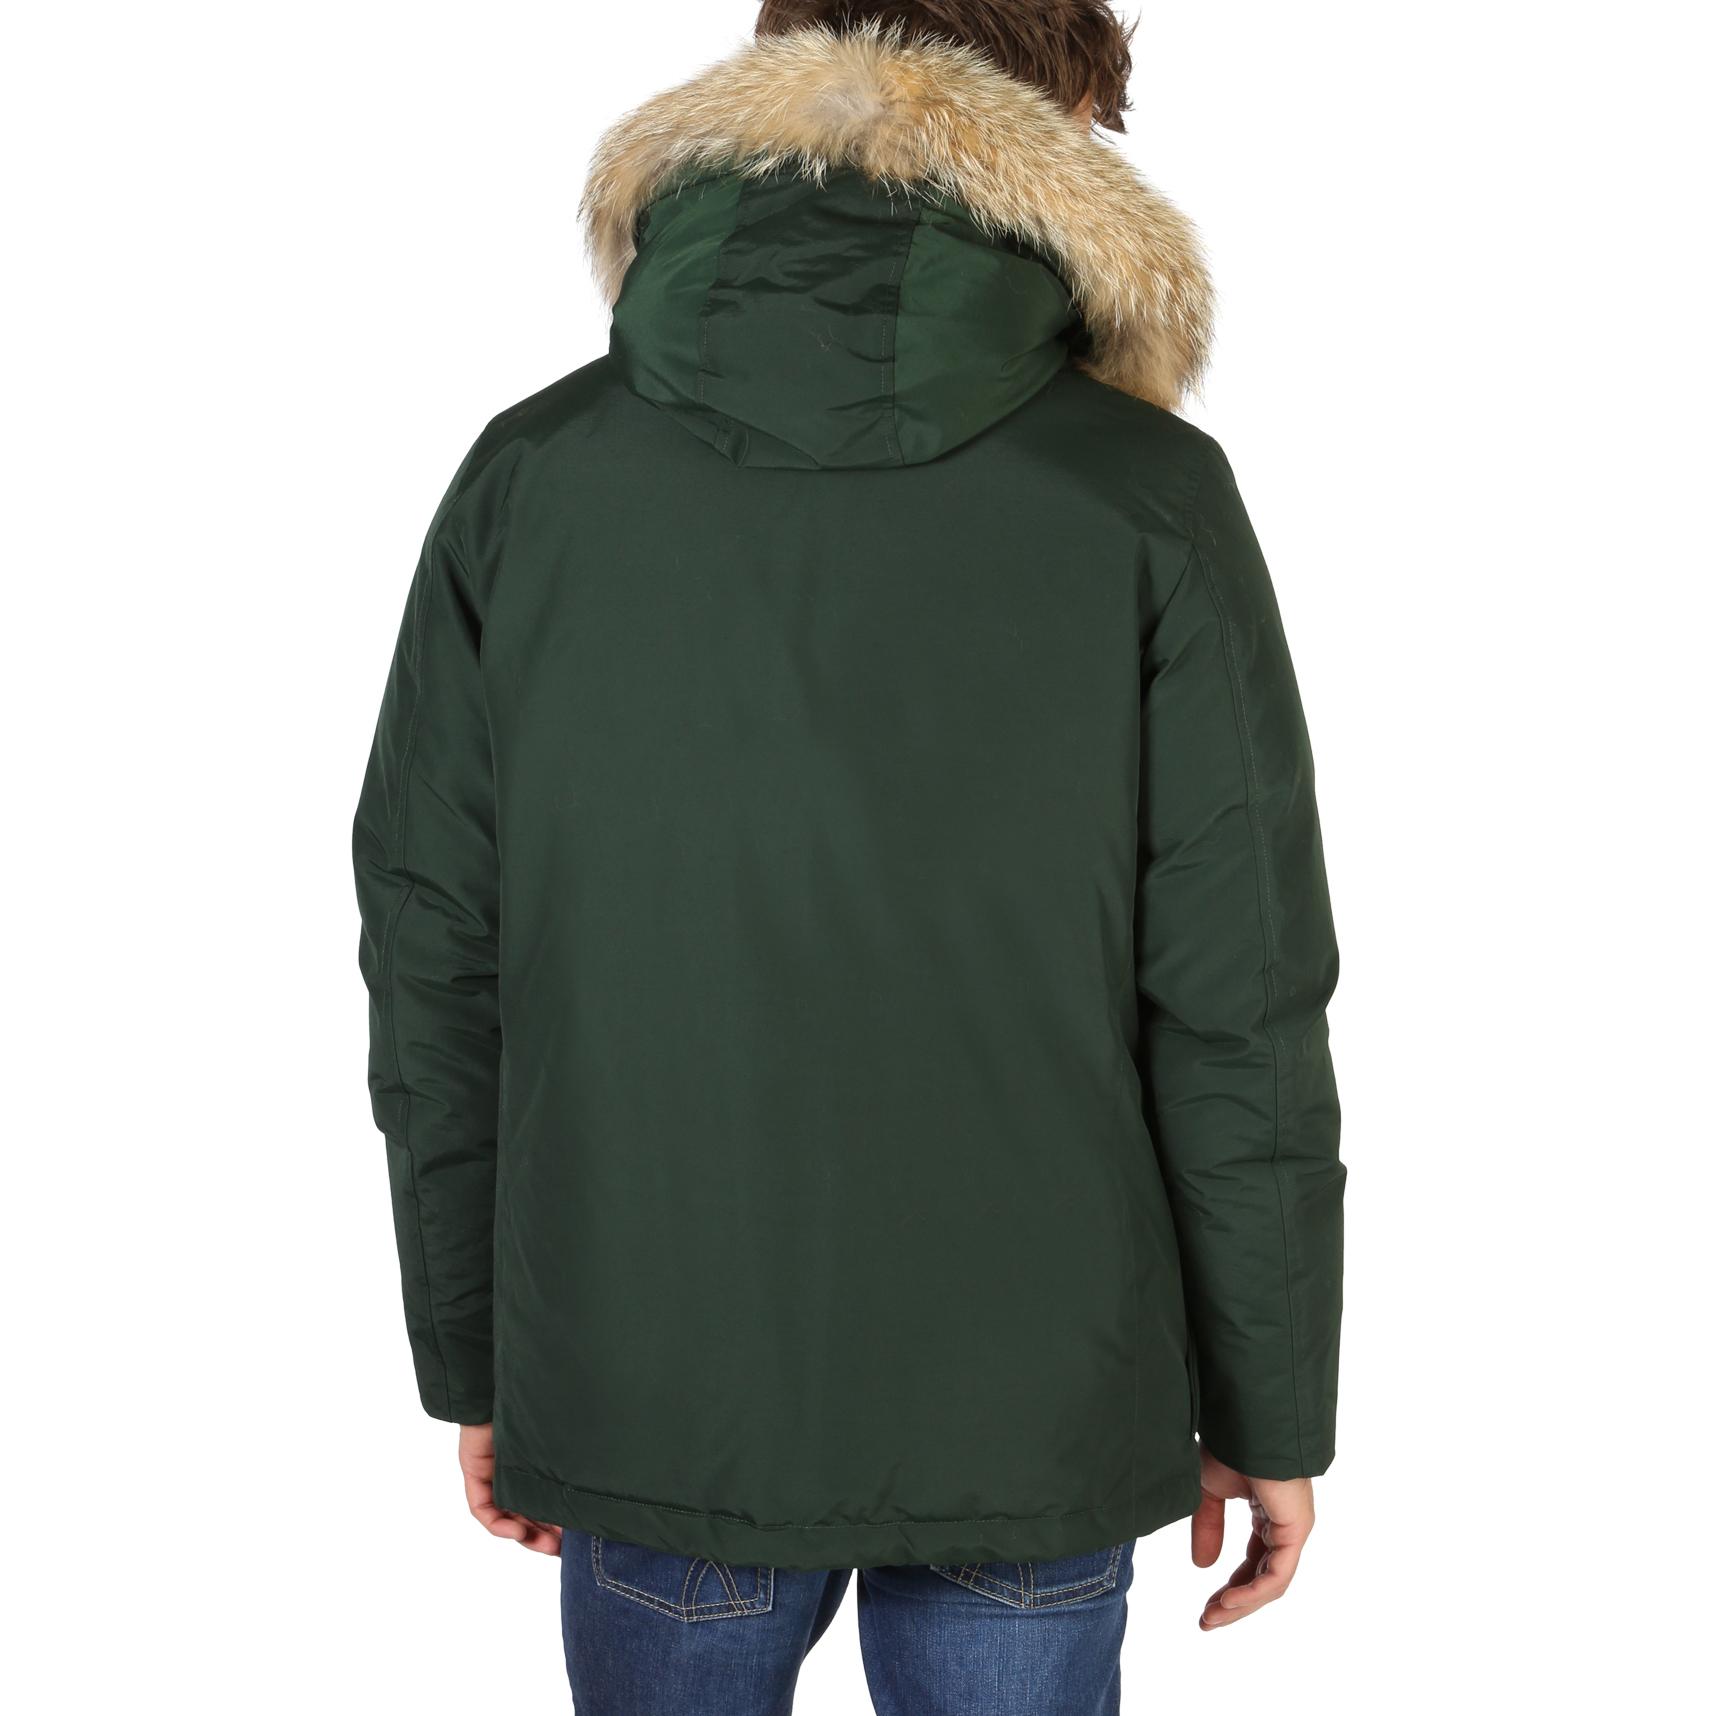 Blousons / doudounes  Woolrich ARCTIC-ANORAK_HOLLY-GREEN green